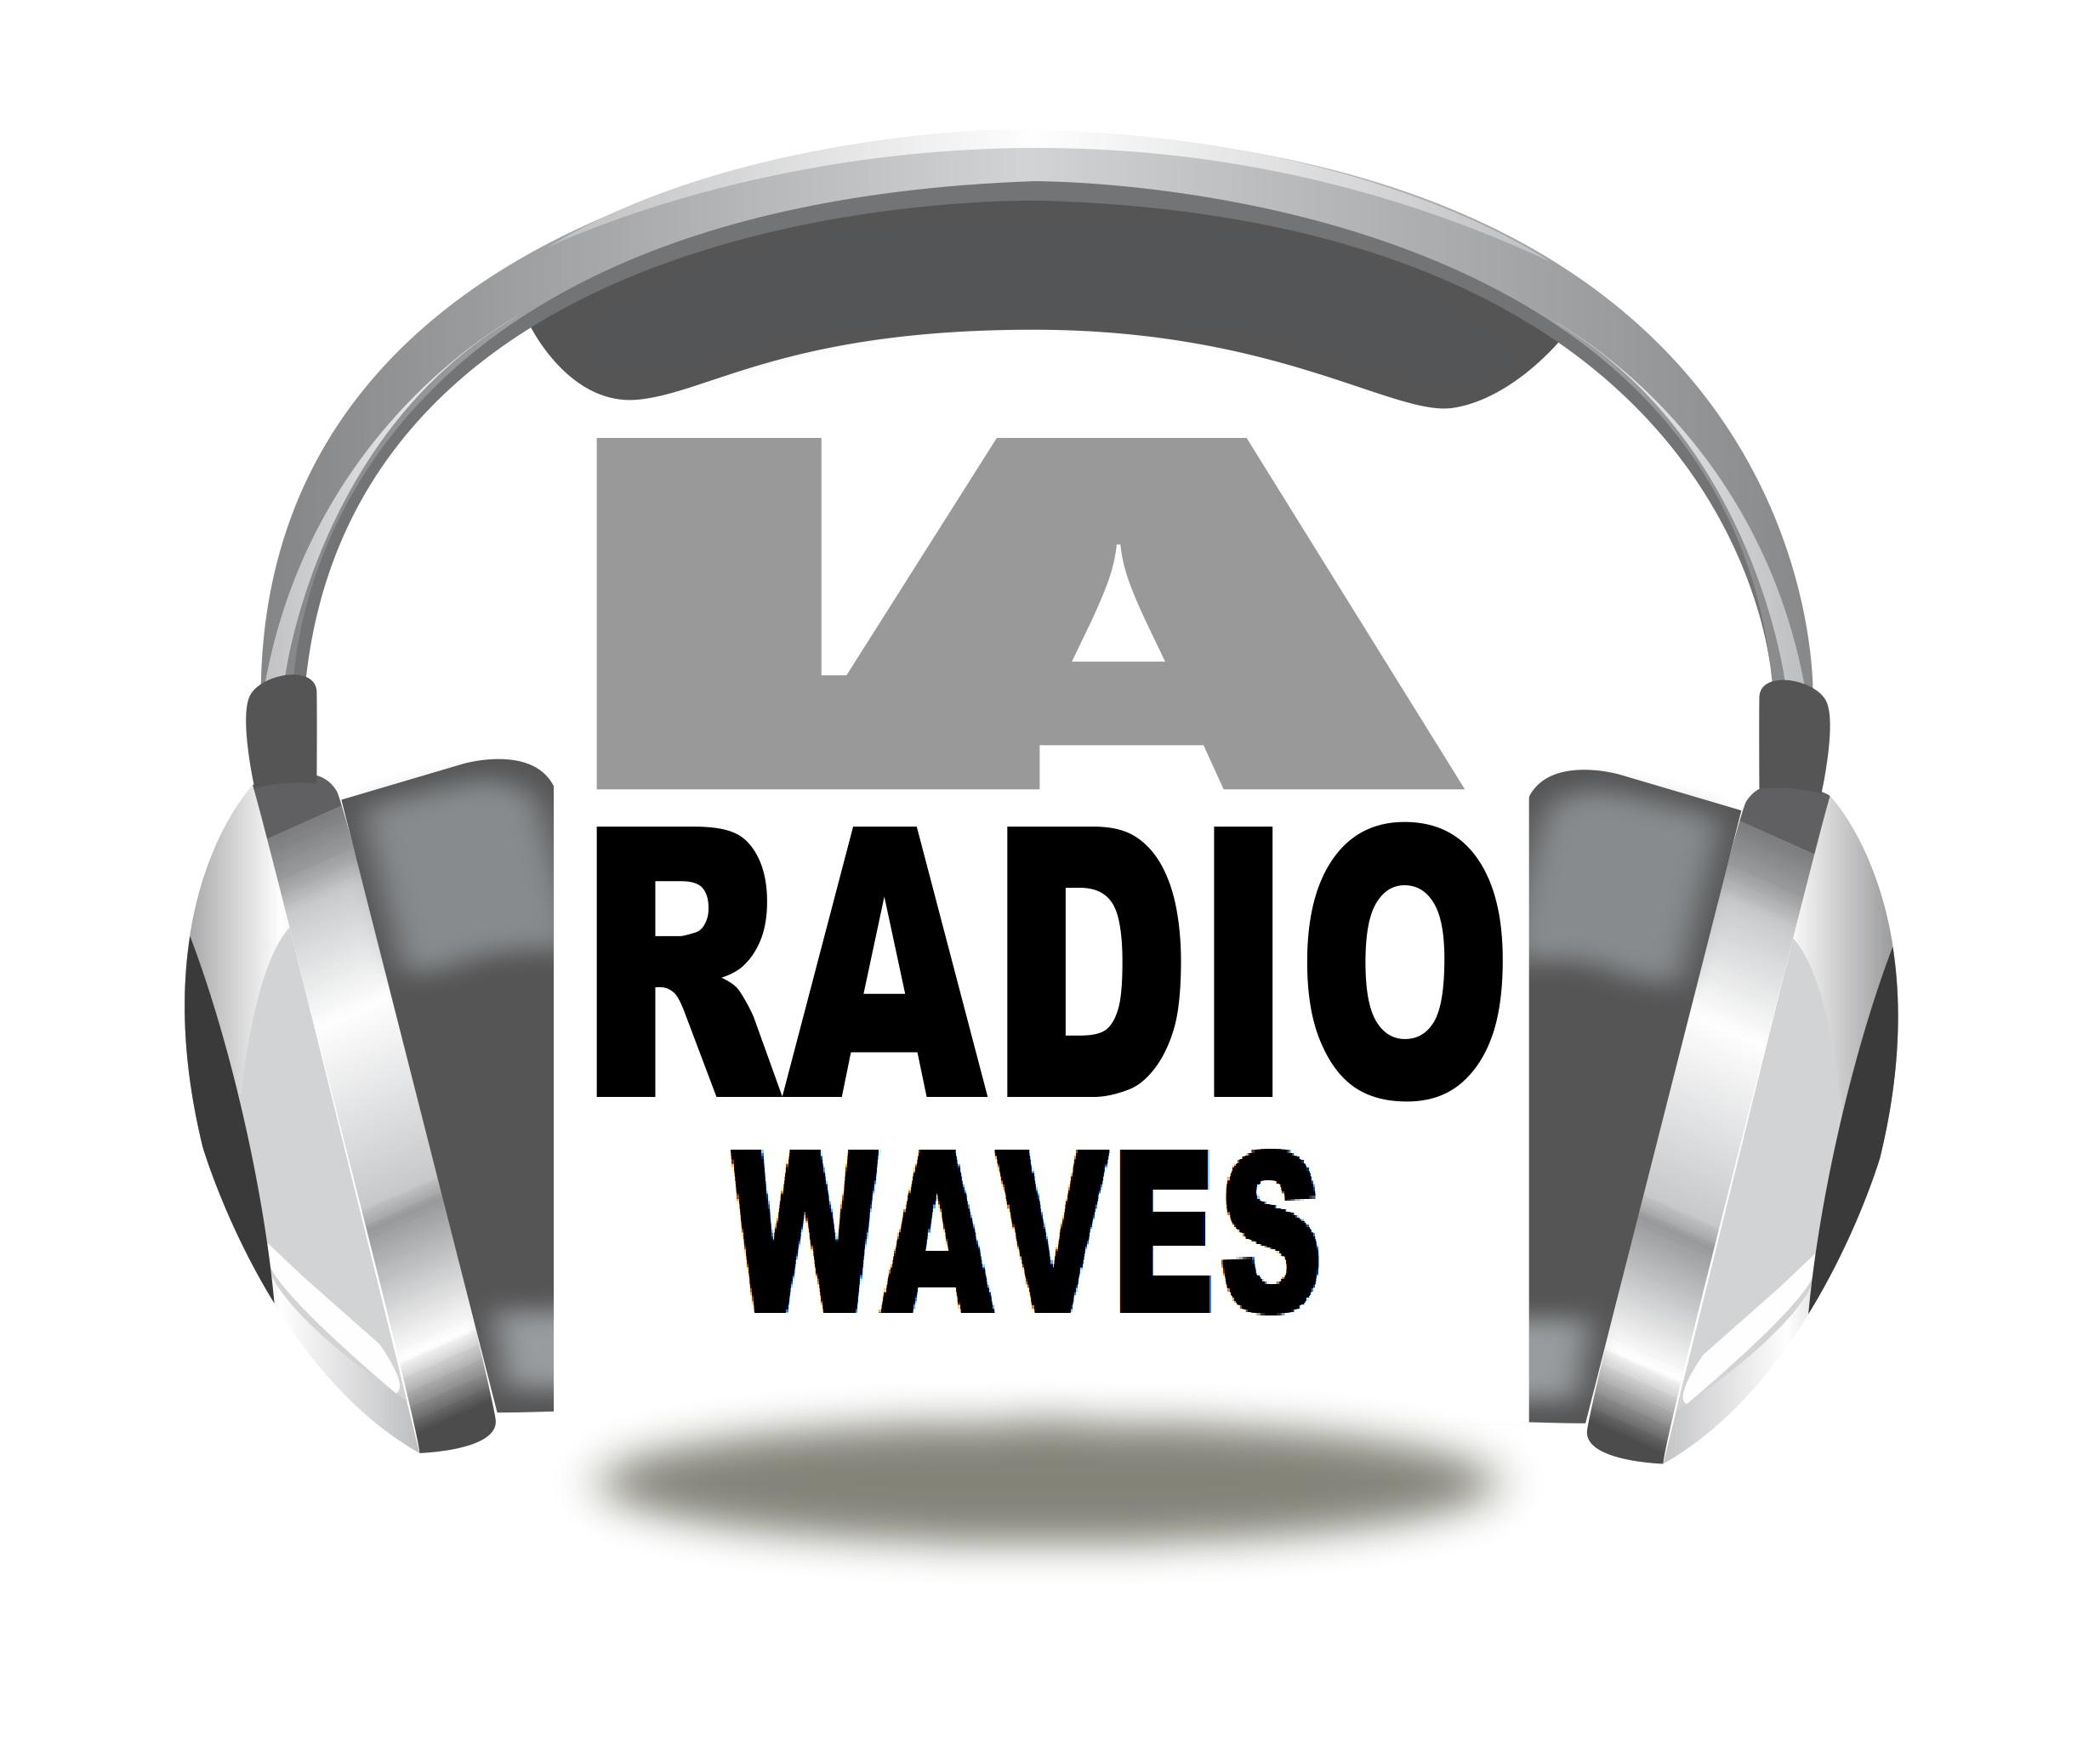 LA Radio Waves